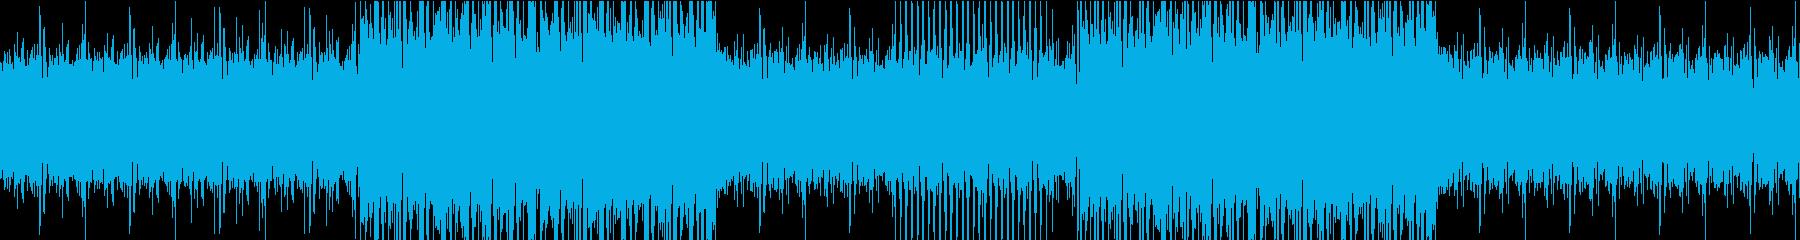 希望に溢れたポジティブなBGMの再生済みの波形